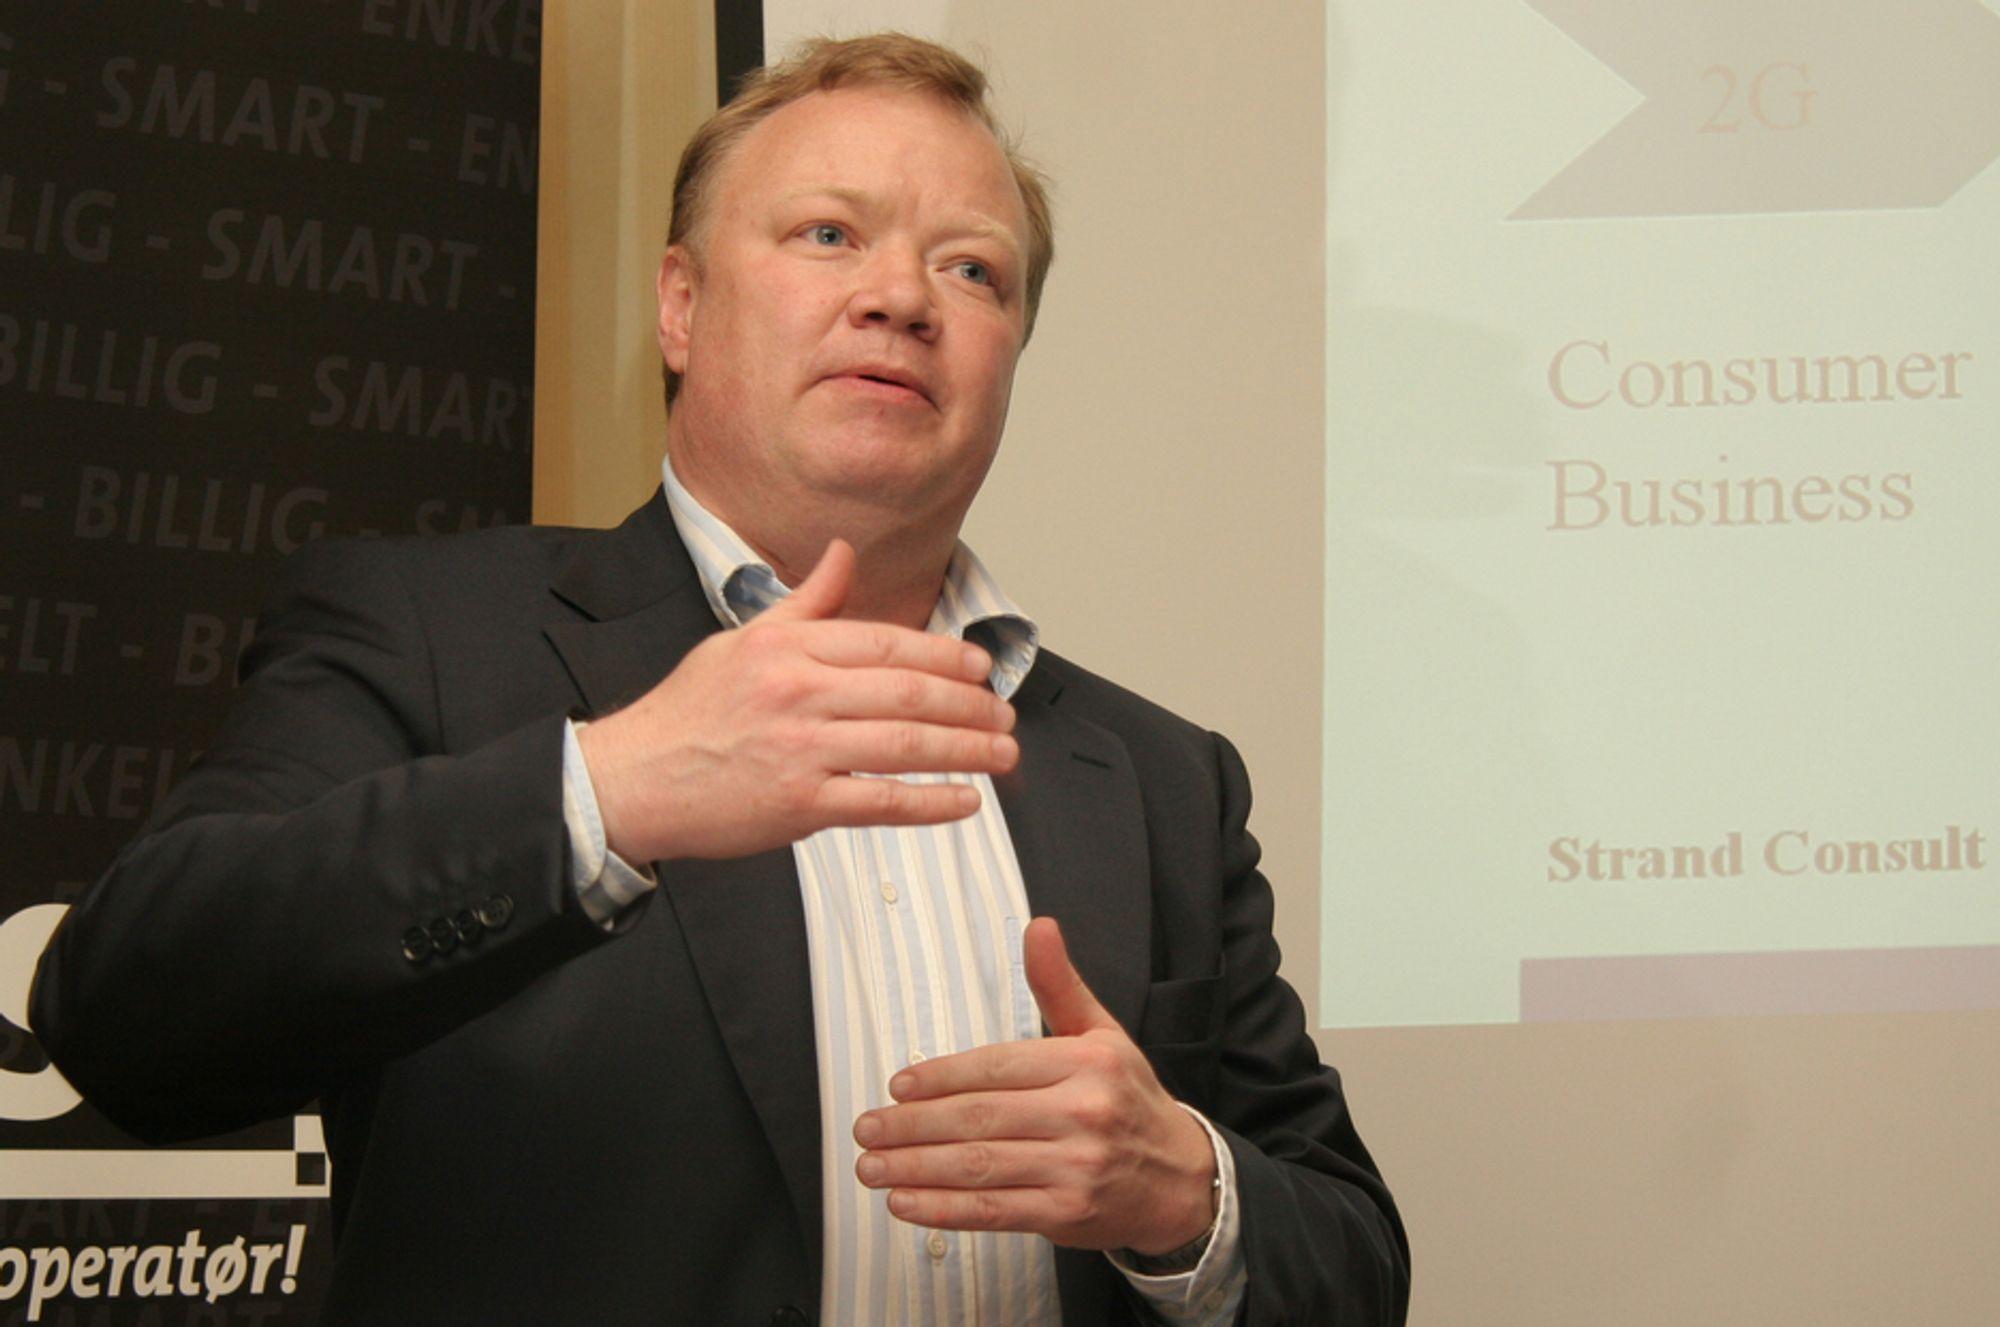 SPÅMANN: Få kjenner de nordiske mobiloperatørene bedre enn den danske telekomanalytikeren John Strand.